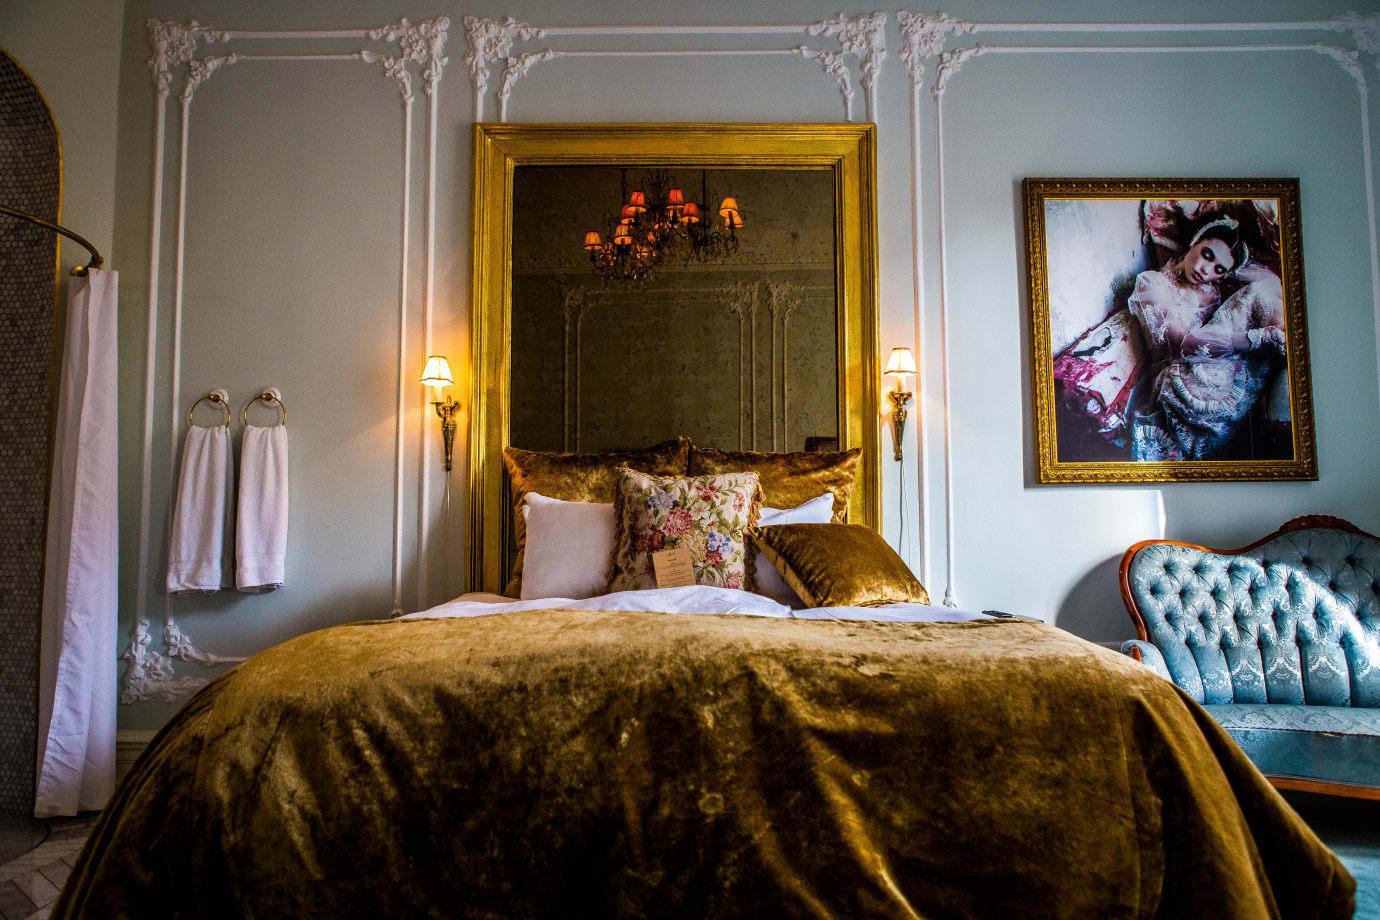 Pris igen till Hotel Pigalle i Göteborg